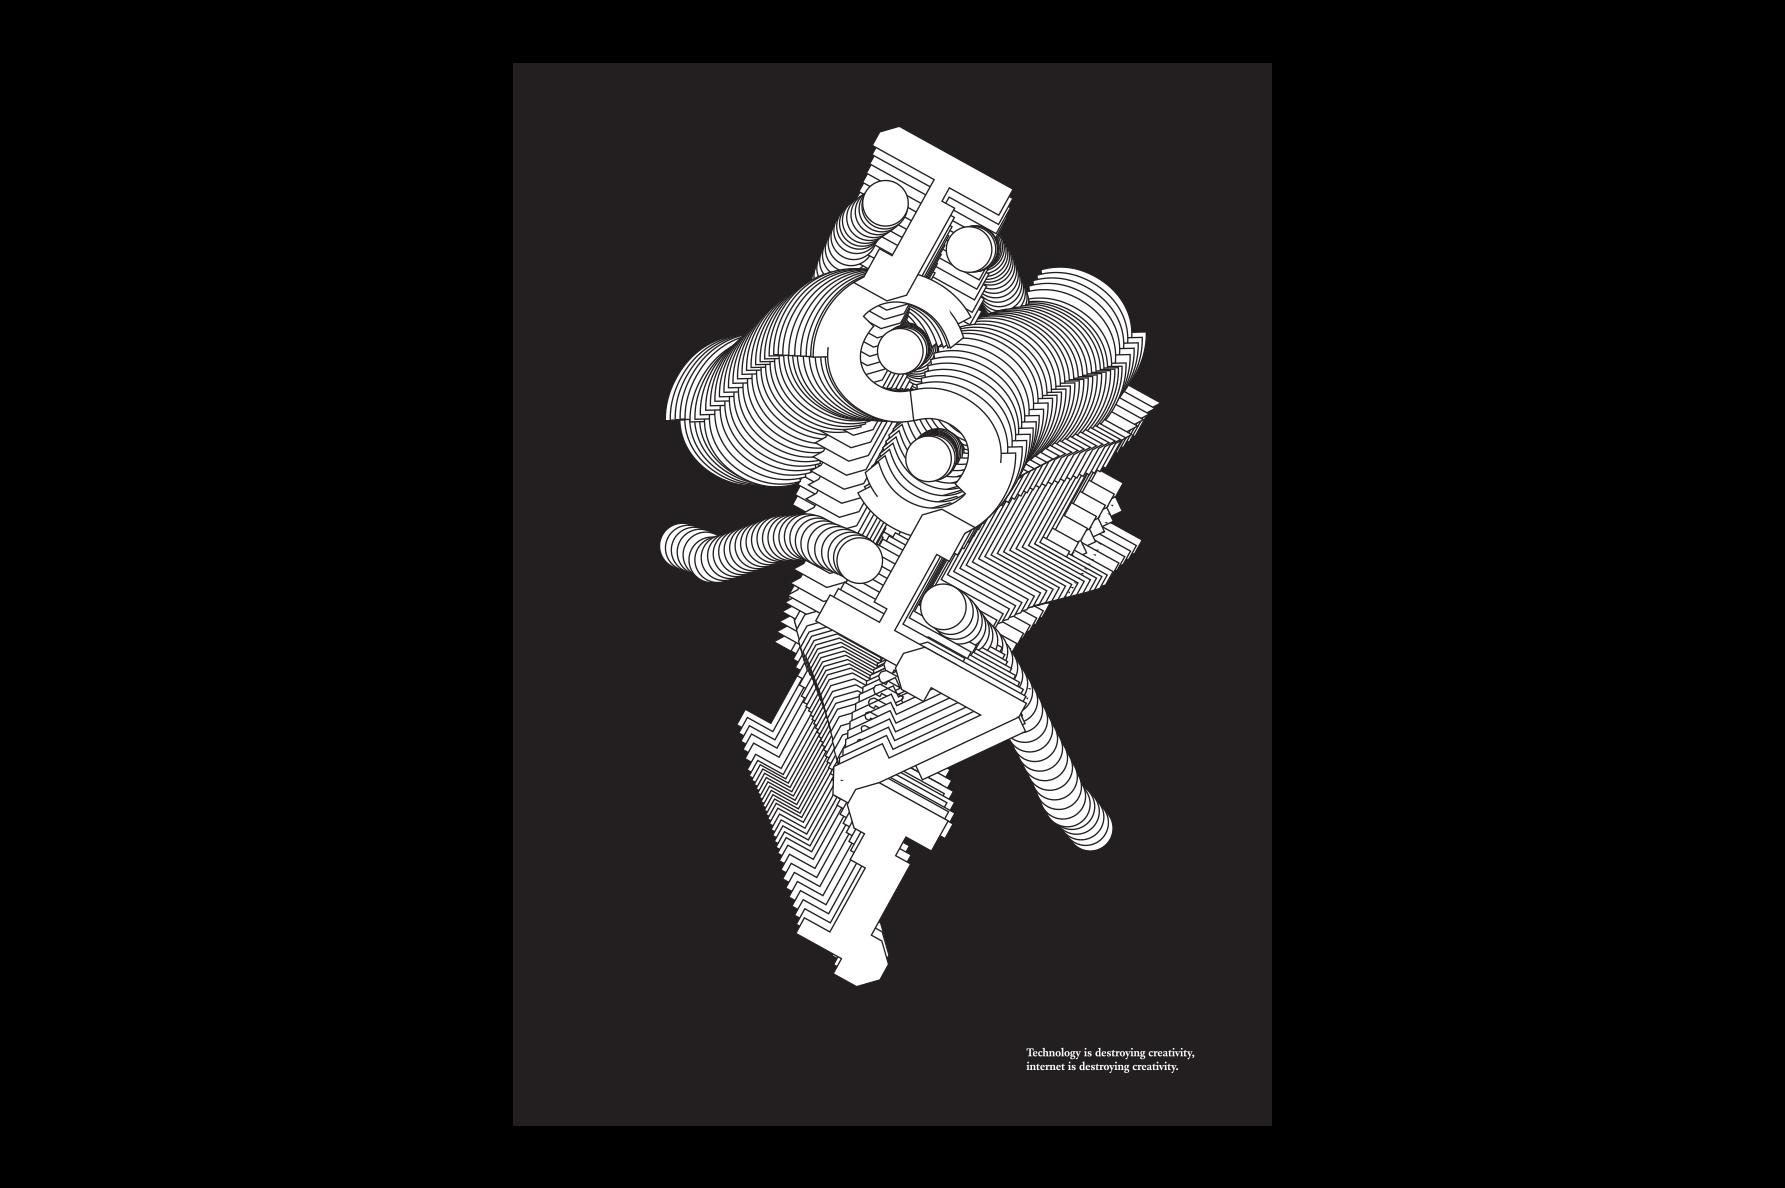 sito_apollyon-poster